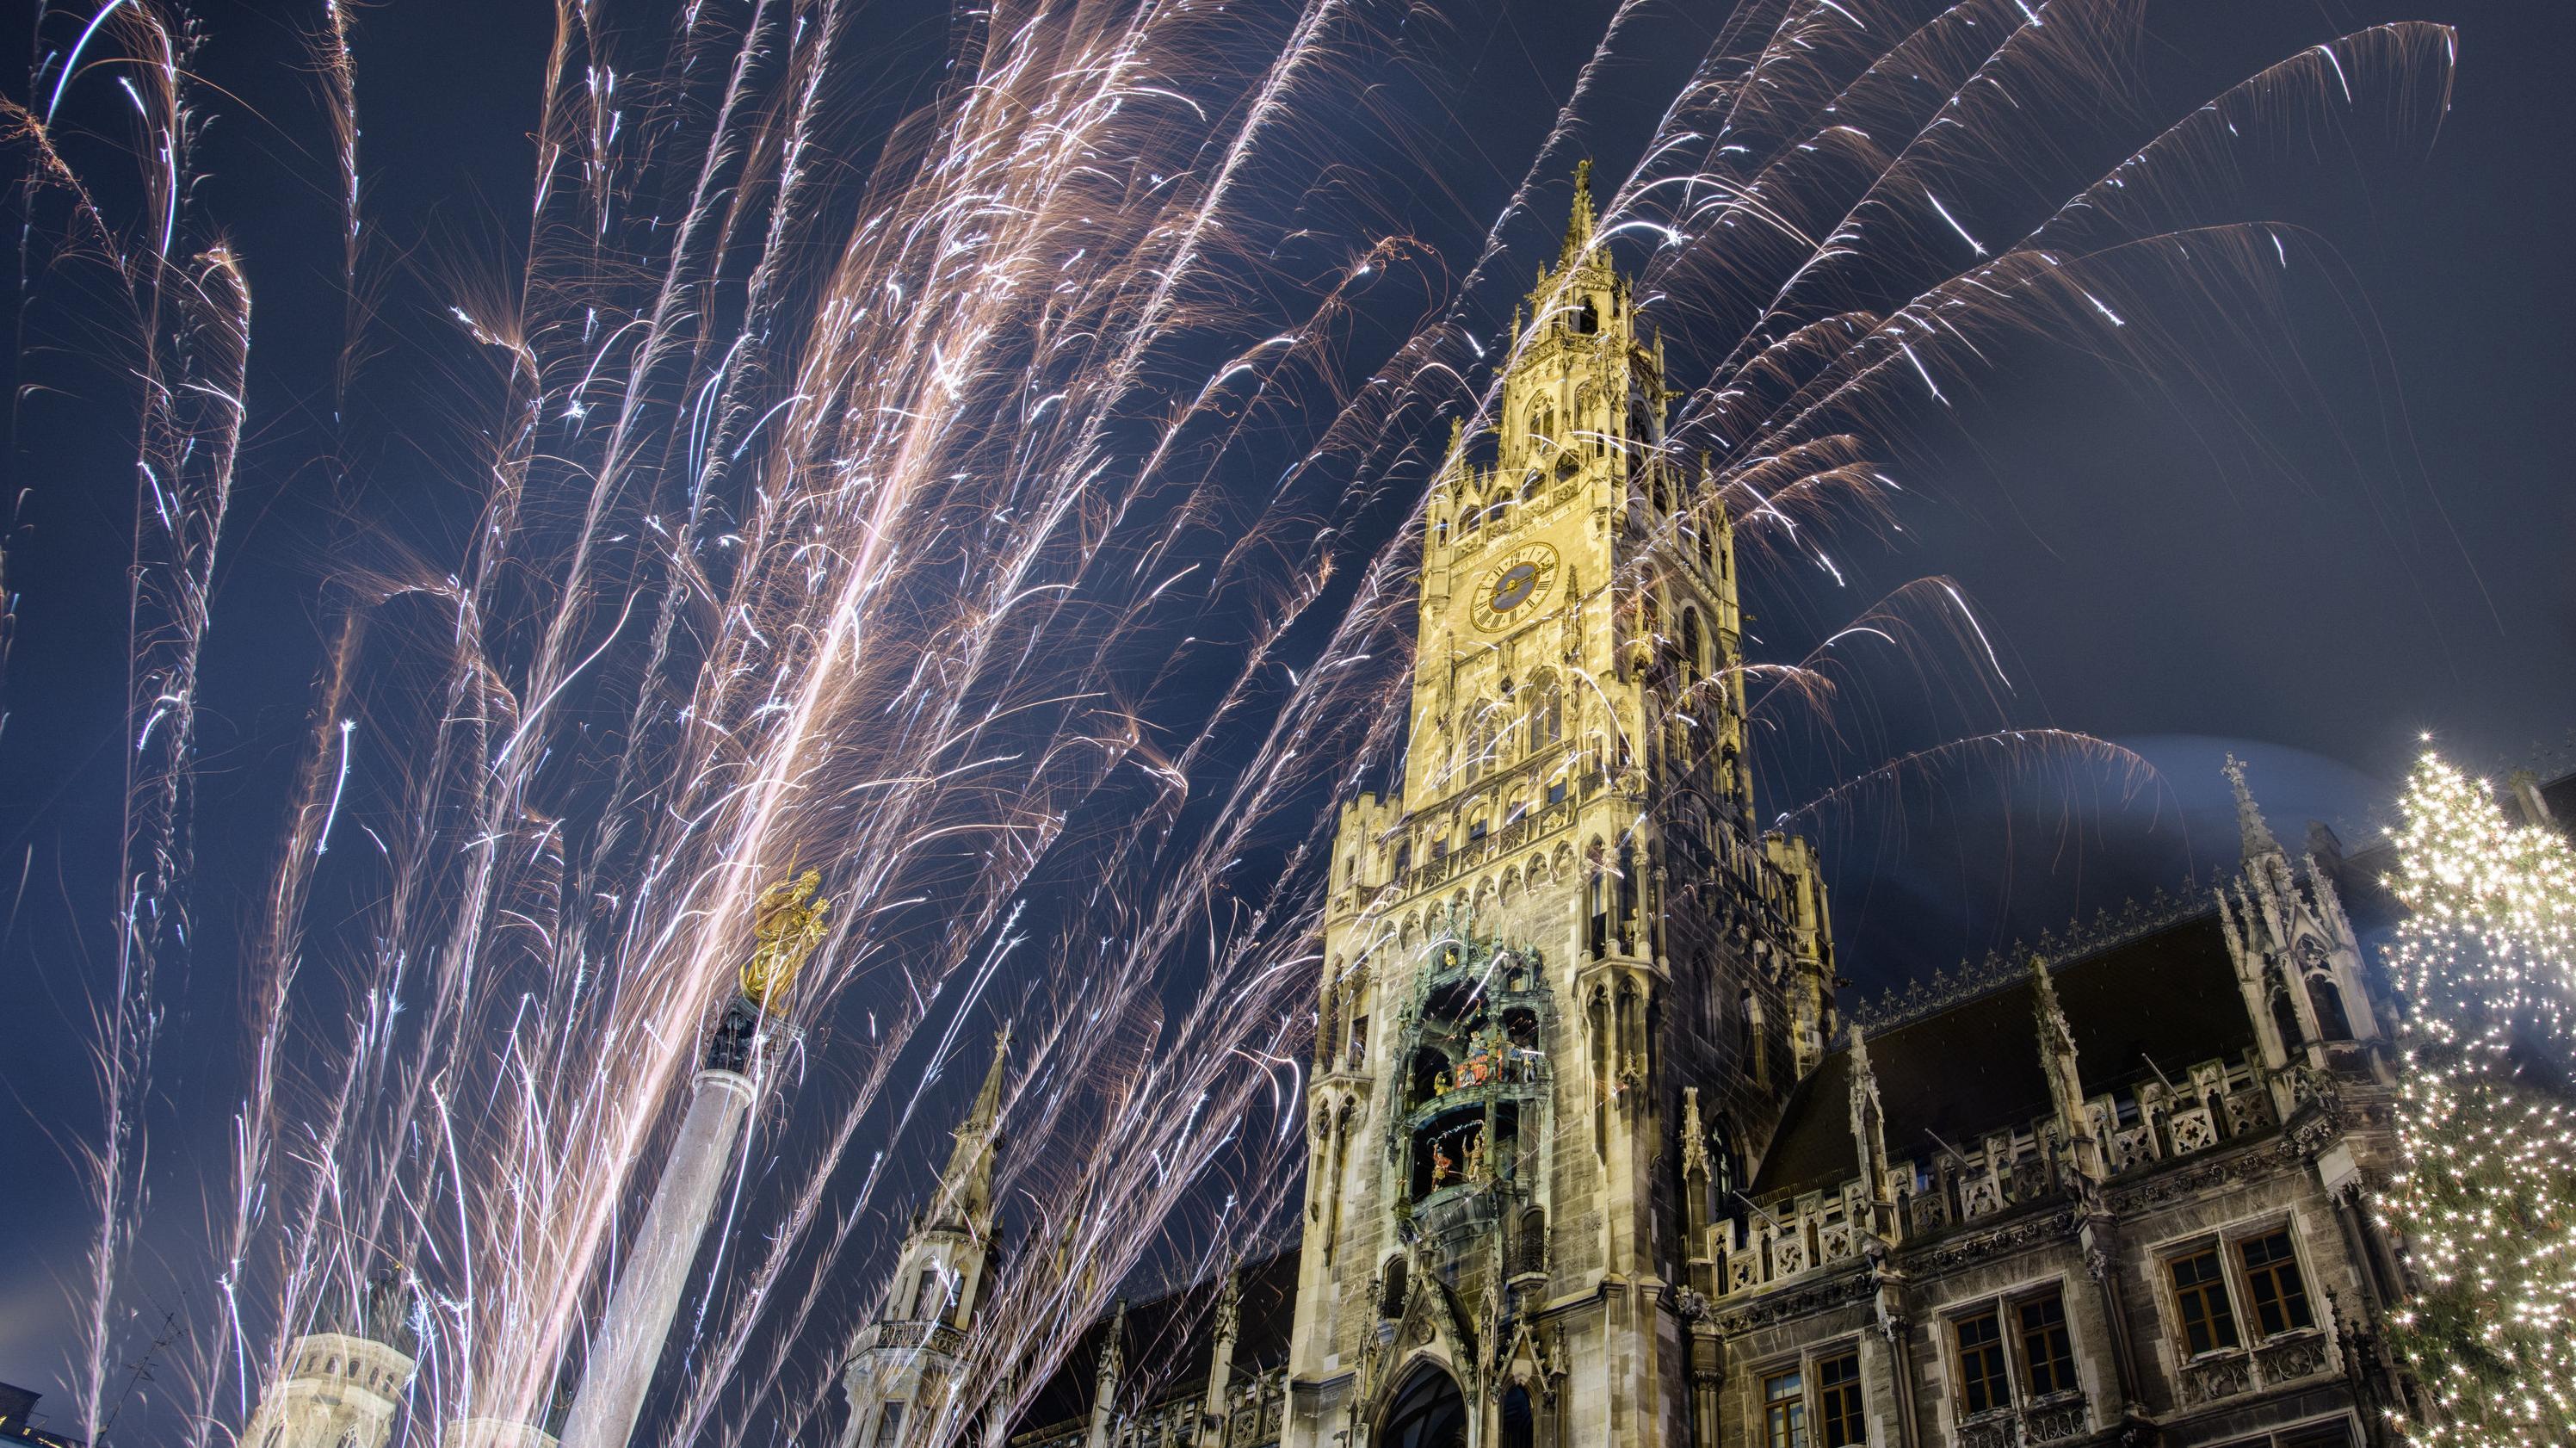 Feuerwerk sprüht vom Boden aus nach oben. Im Hintergrund das Rathaus von München.